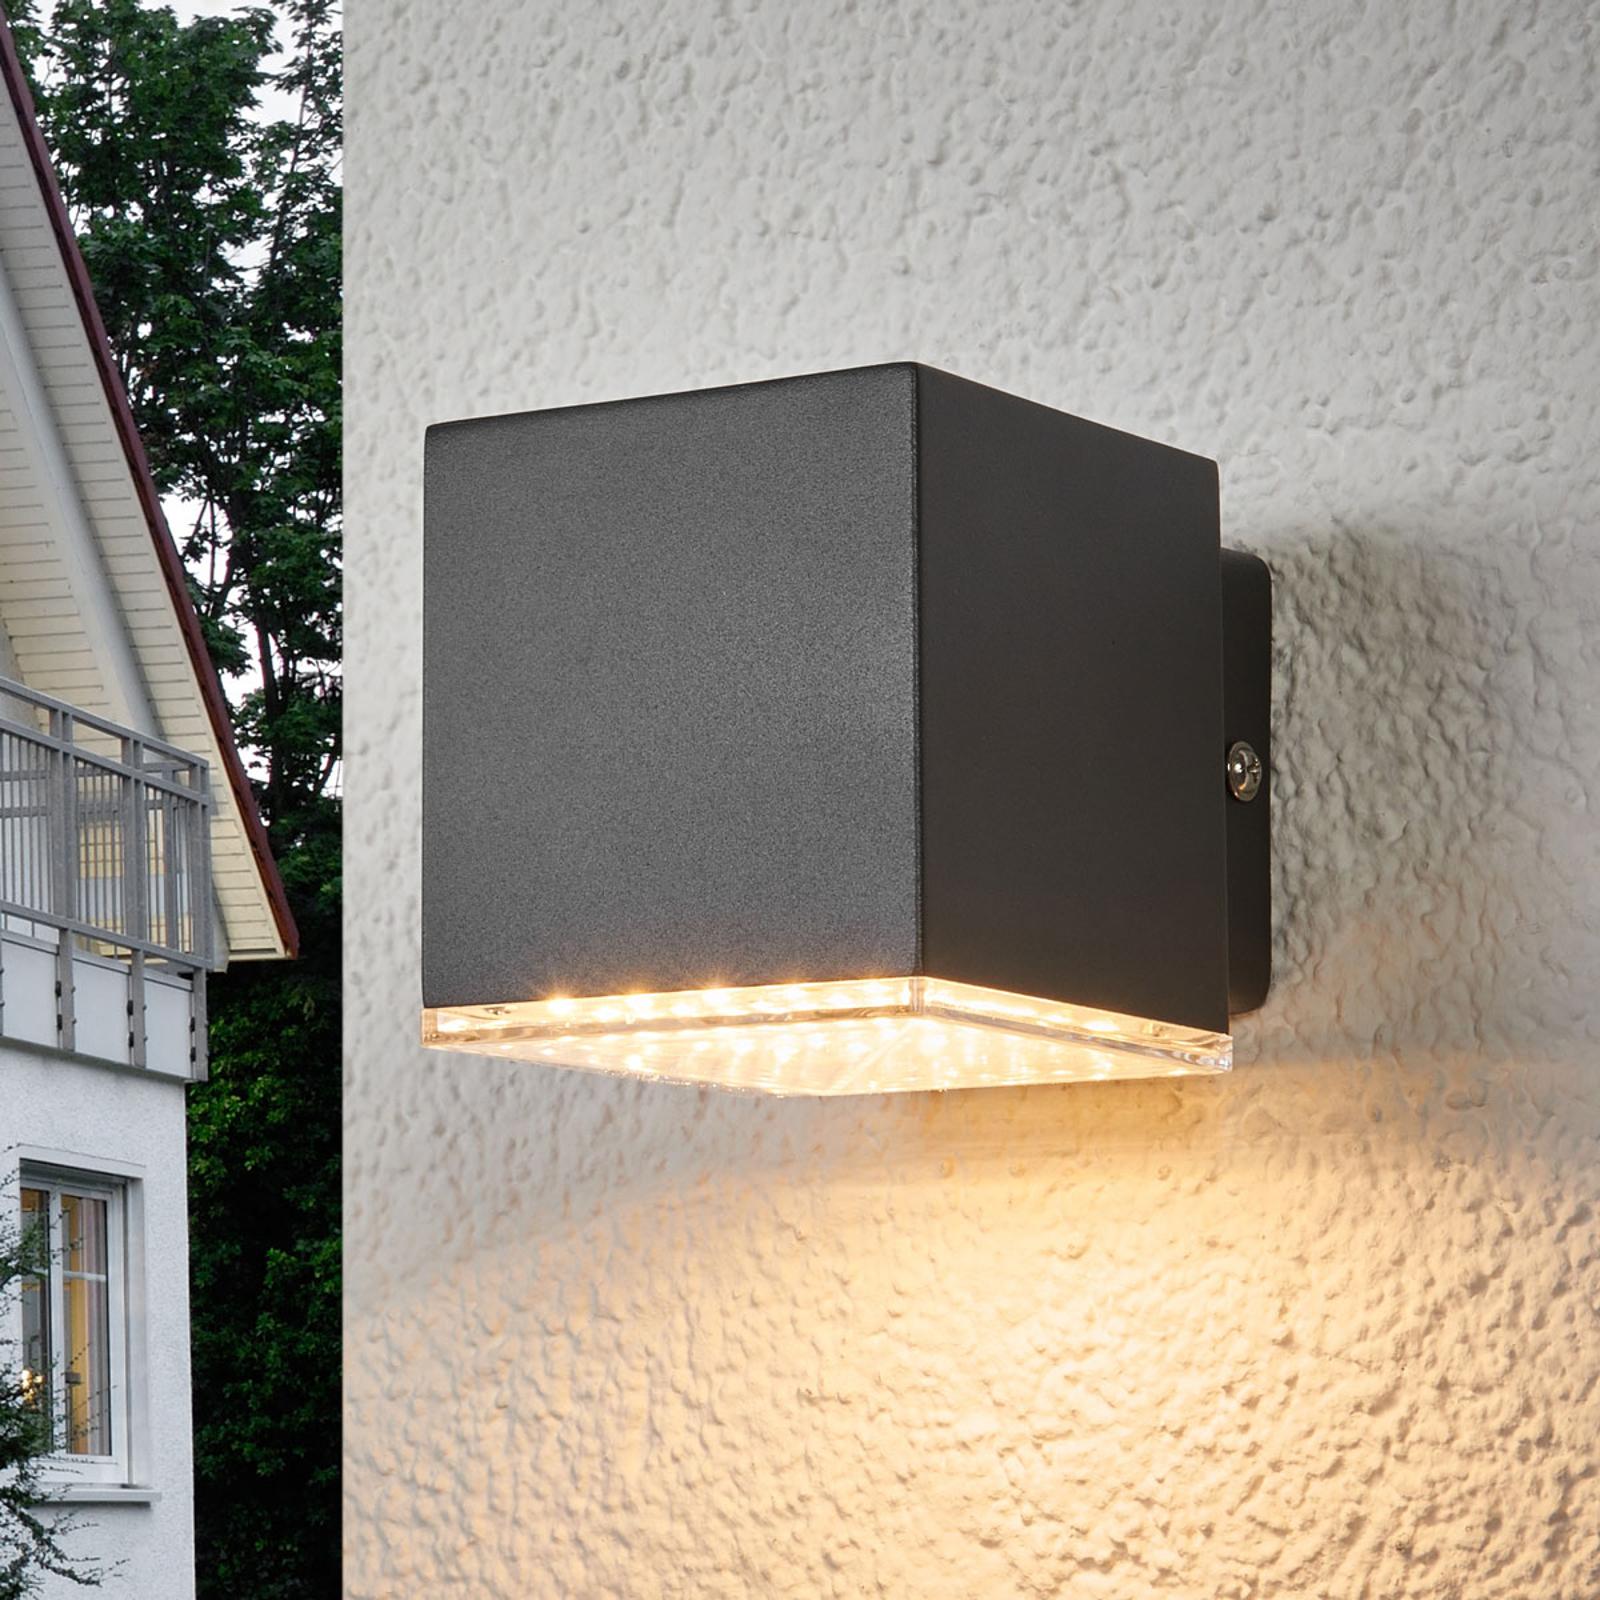 Applique d'extérieur LED gris foncé Lydia